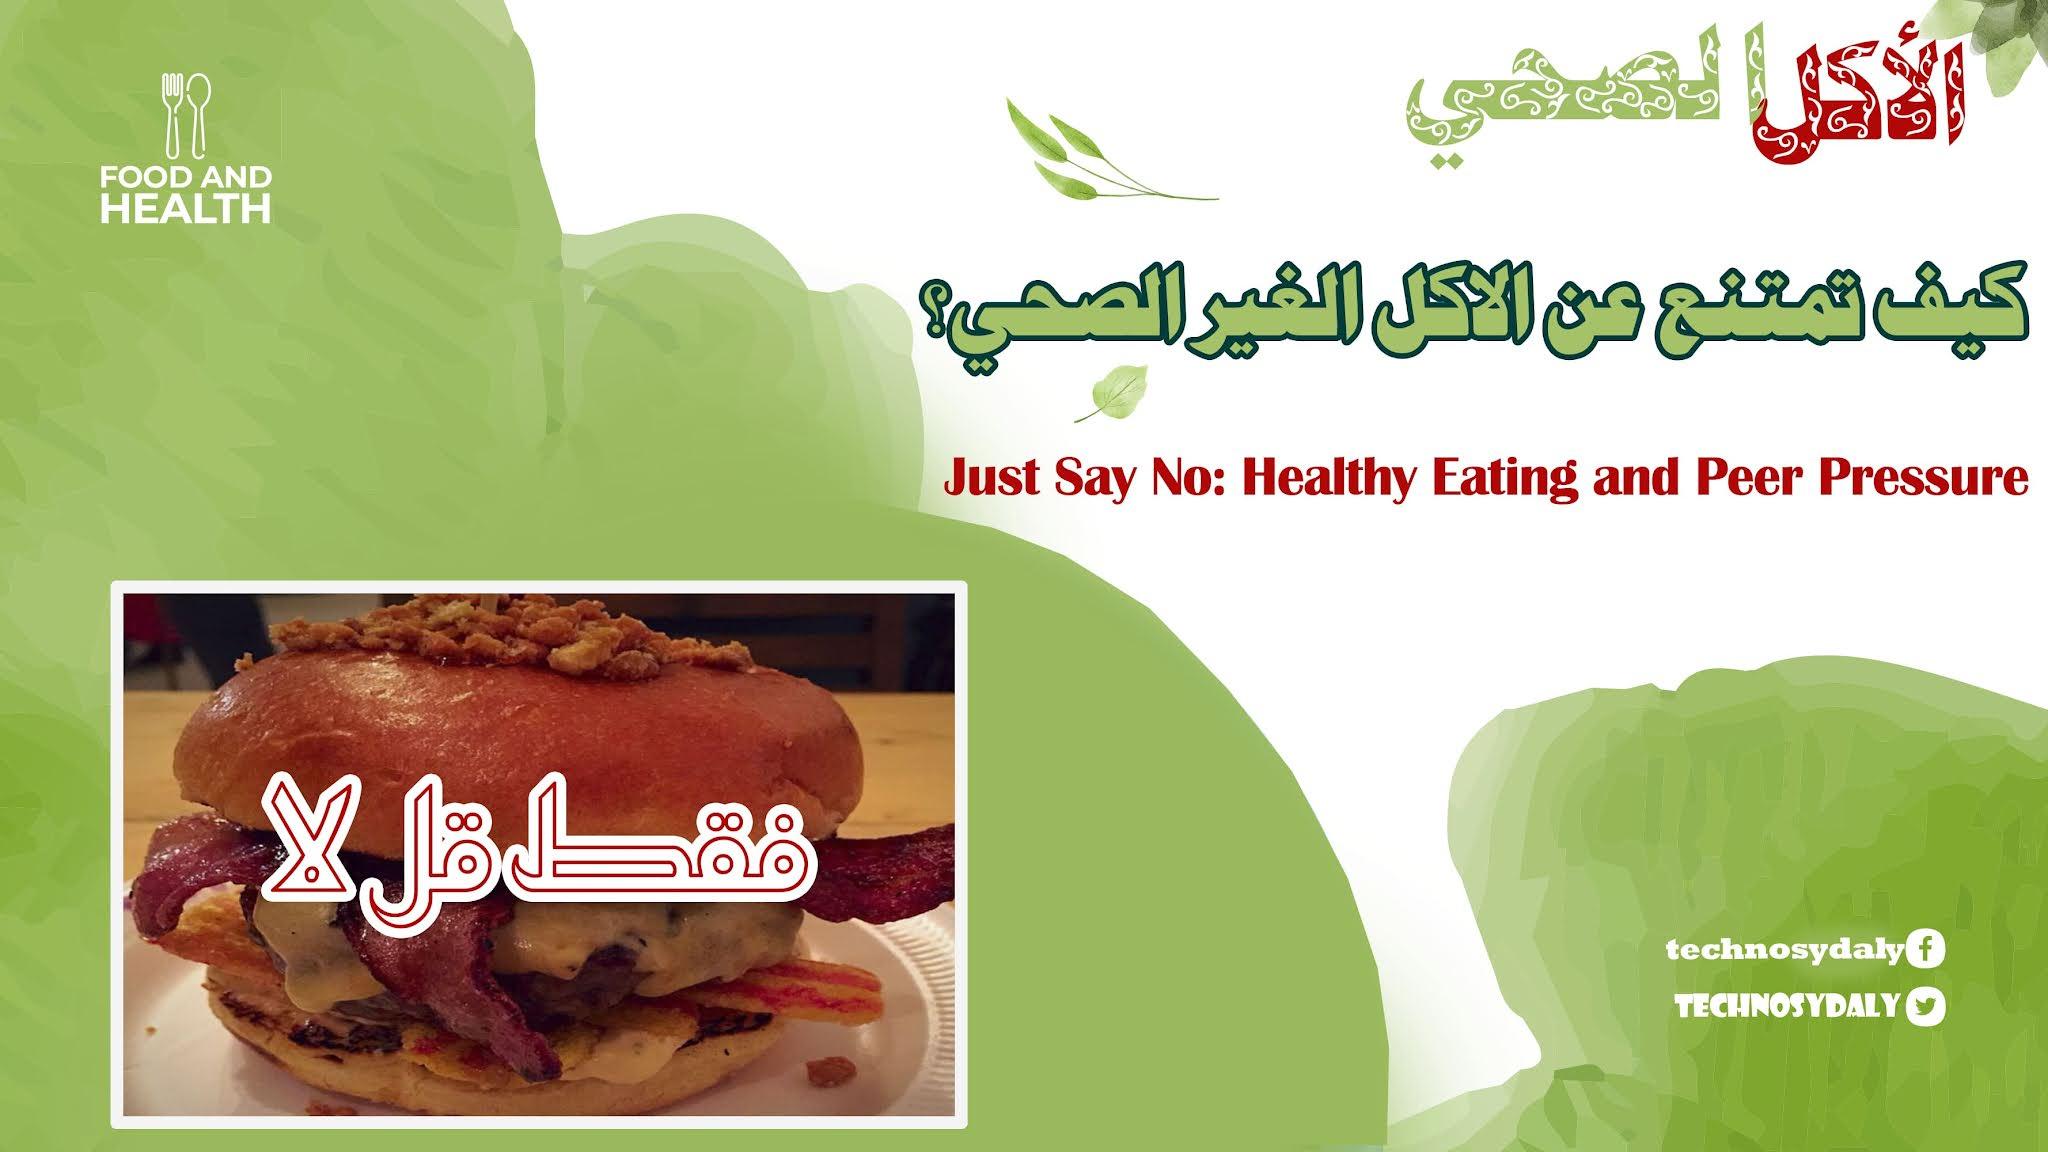 كيف تمتنع عن الاكل الغير الصحي؟ Just Say No Healthy Eating and Peer Pressure